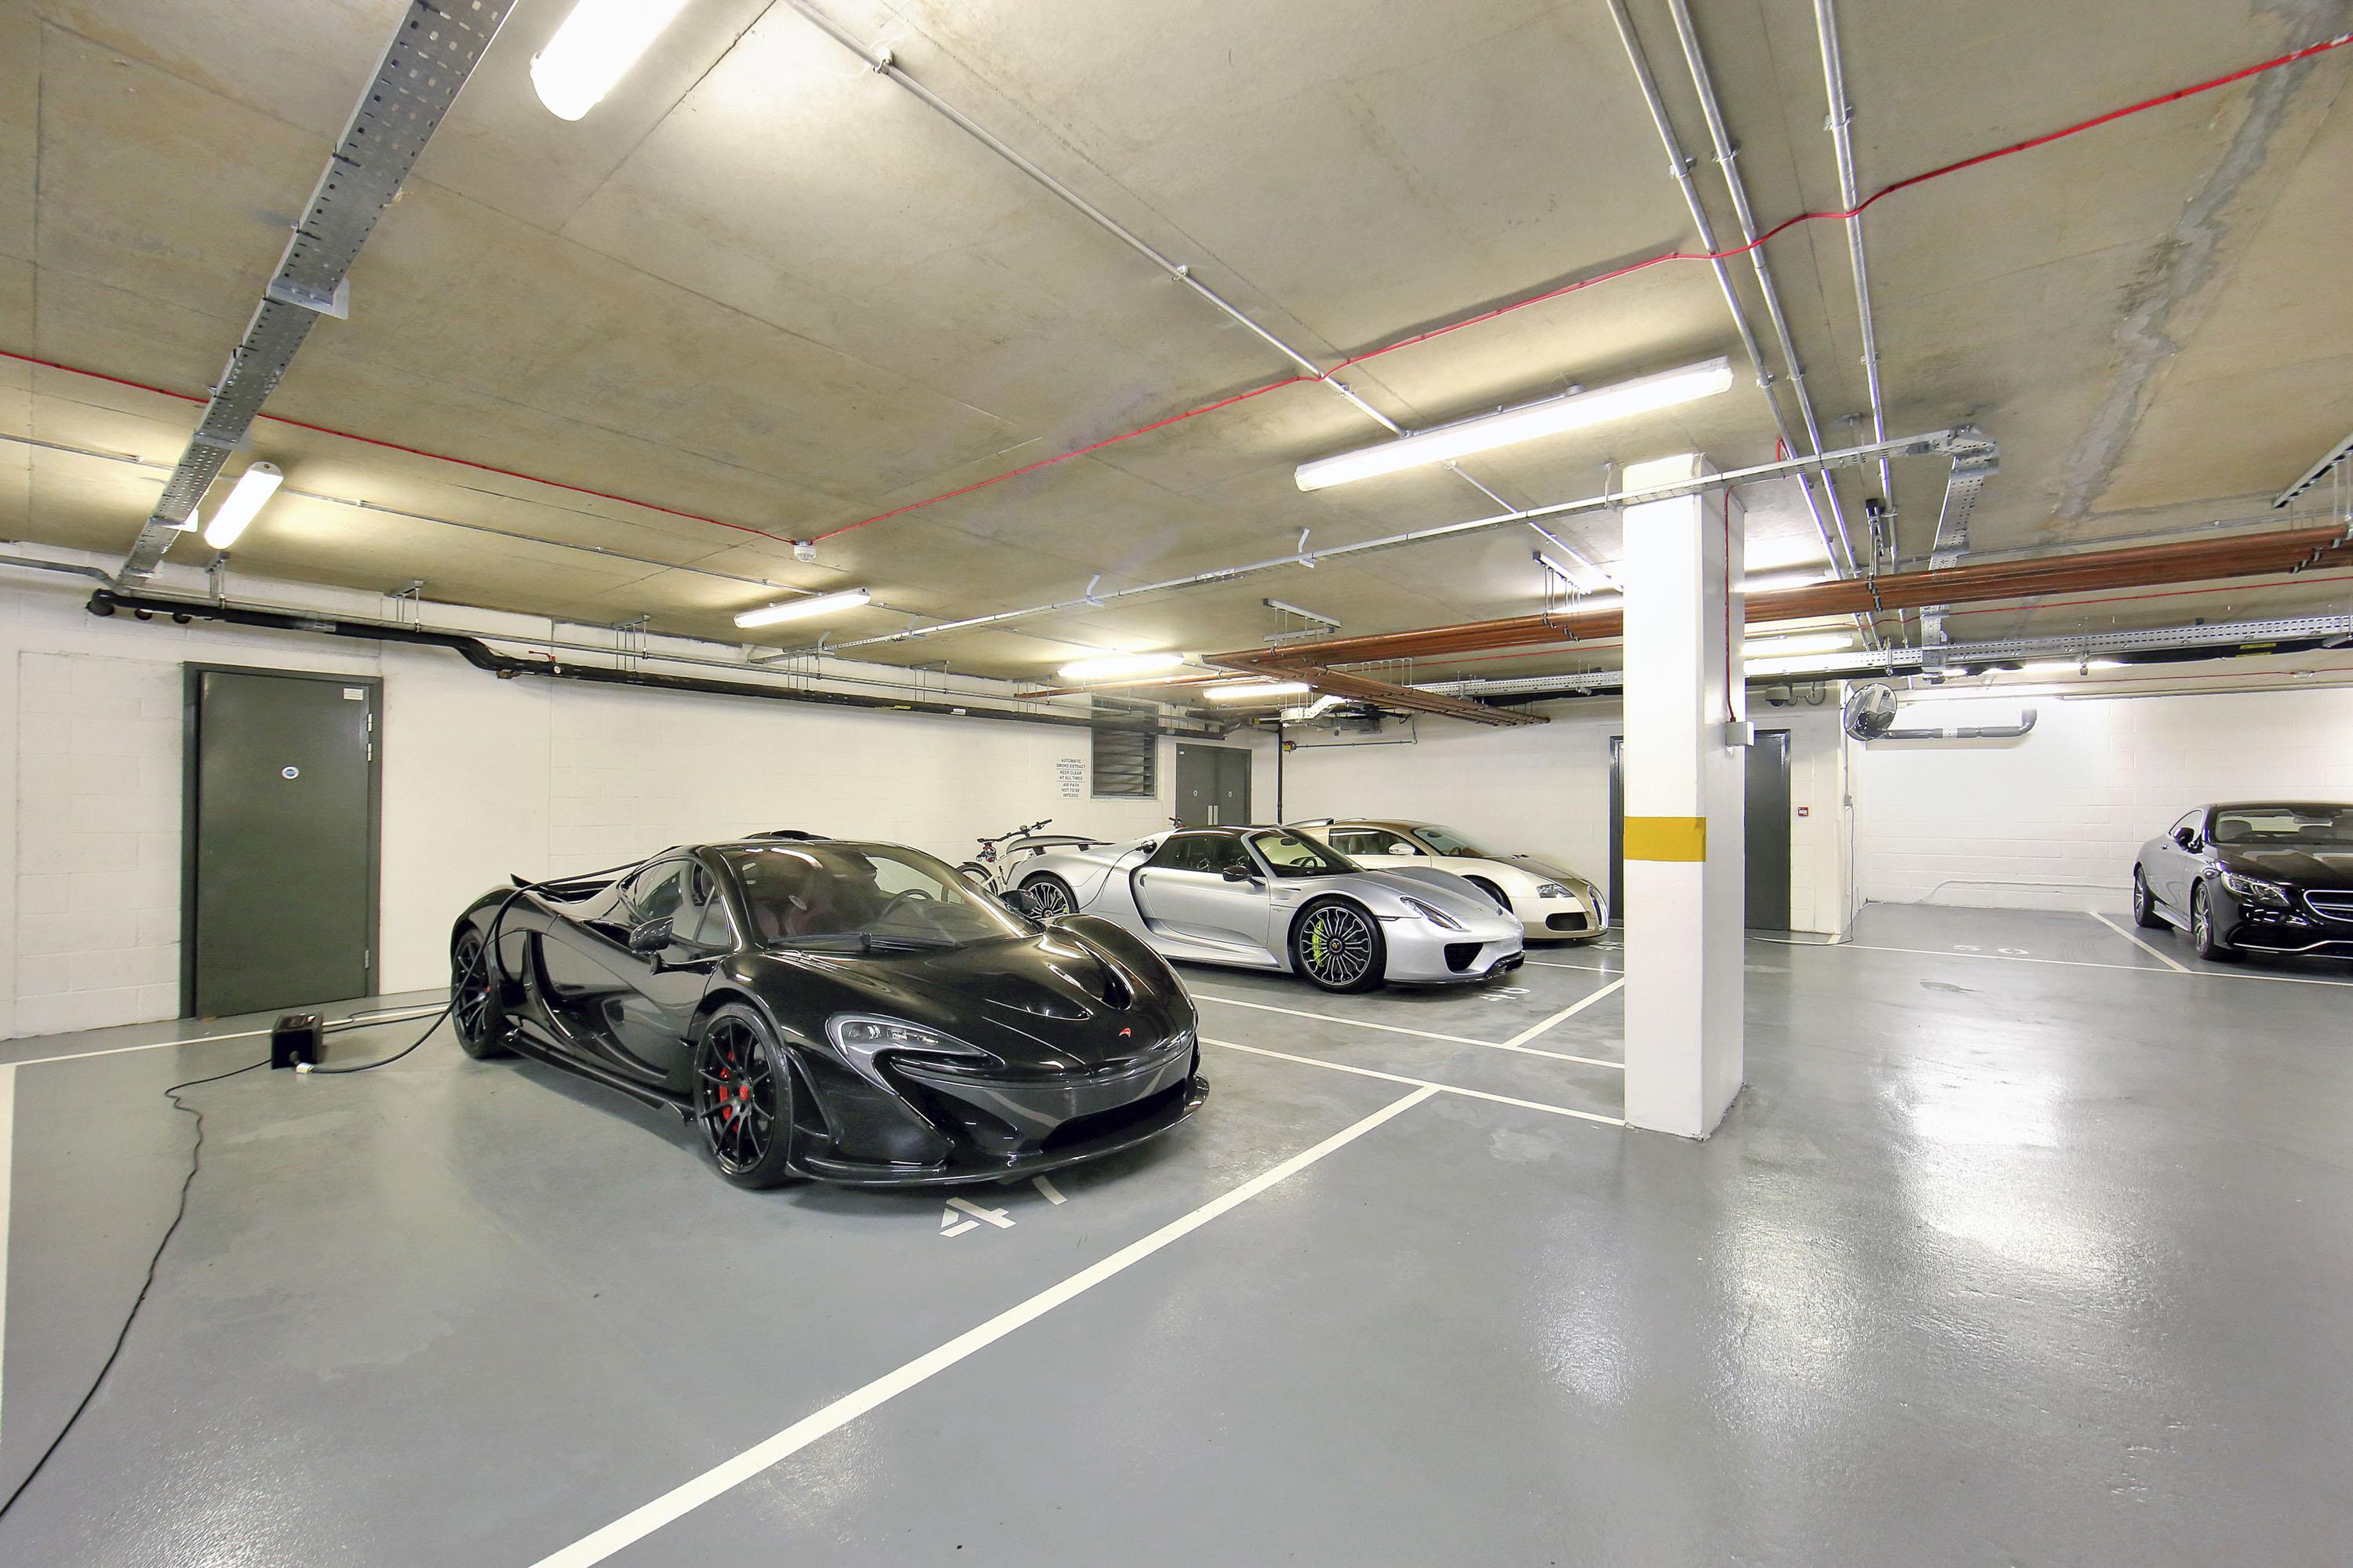 Lancelot Place,Drive,Parking,Garage